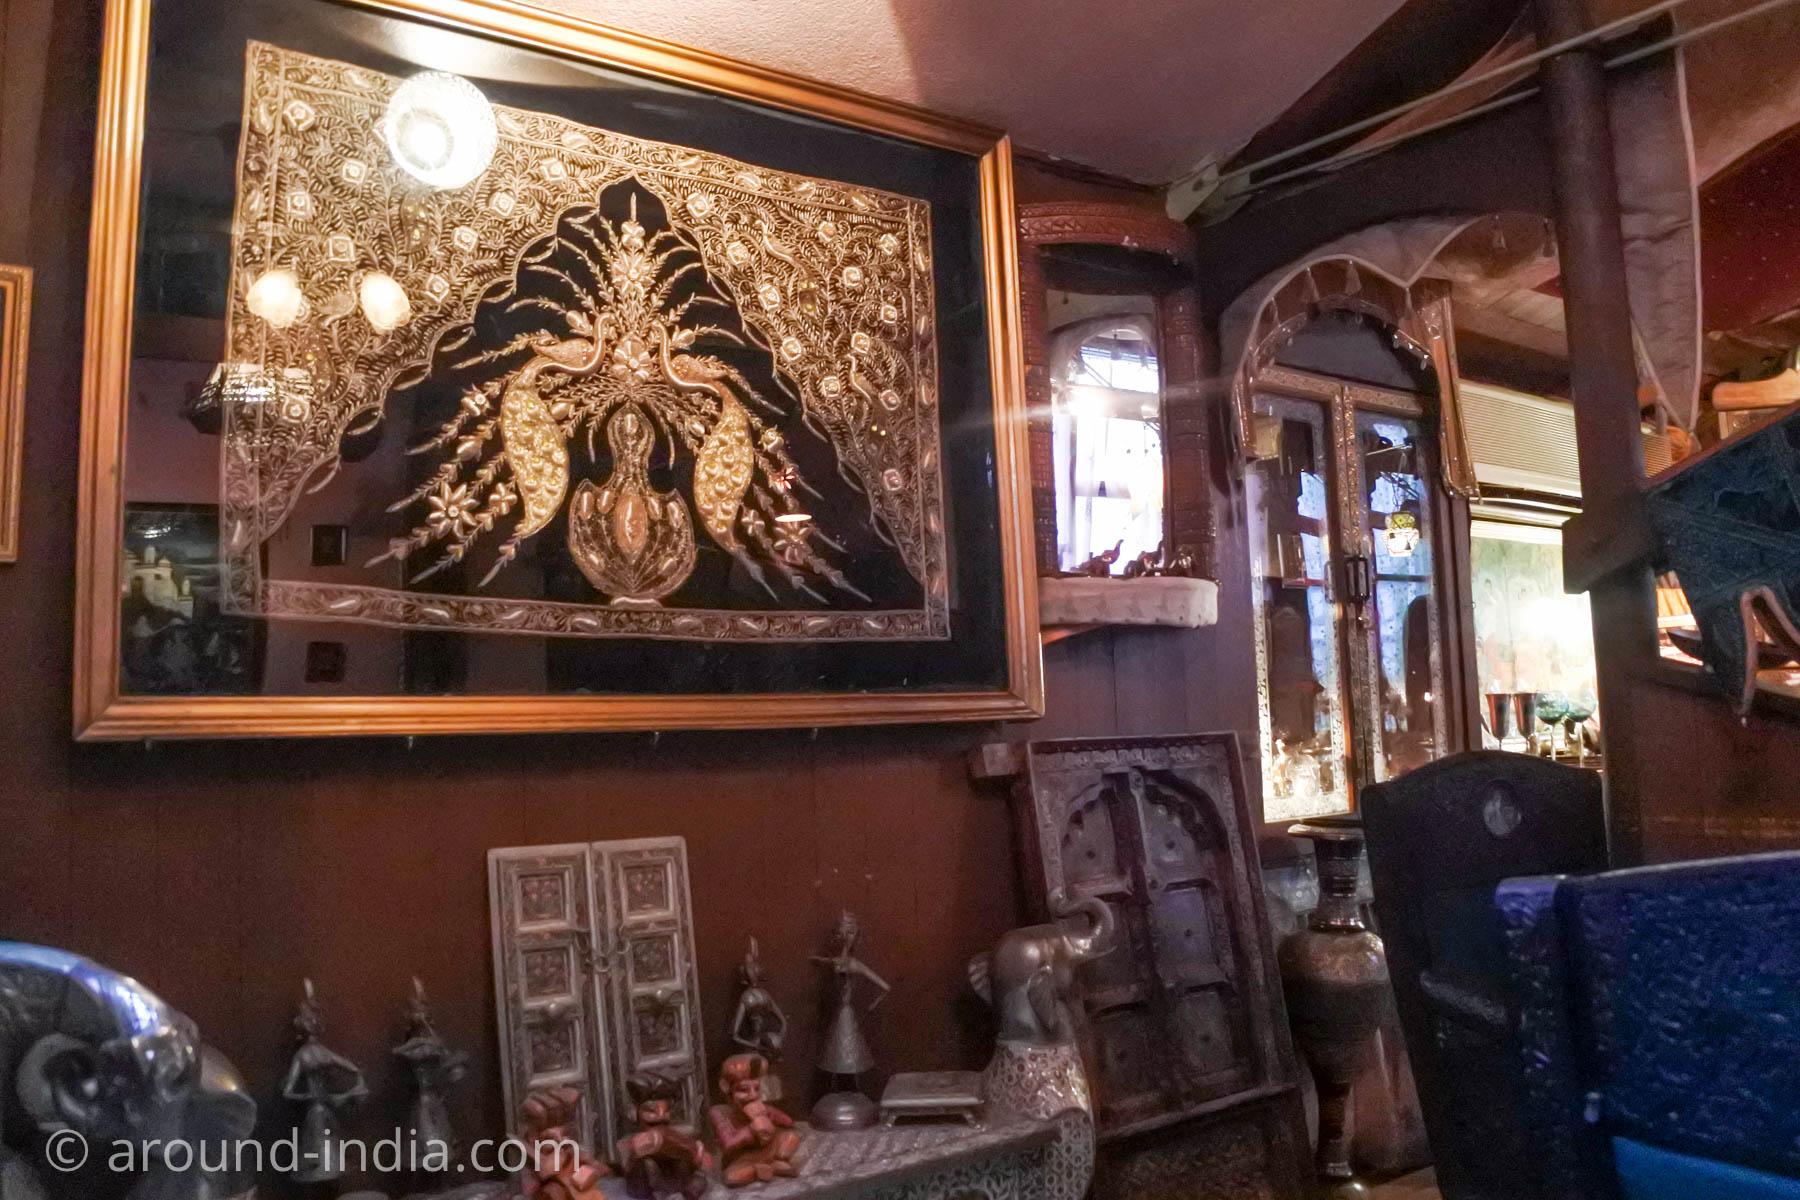 紅茶がおいしいダージリン 日暮里のアンティークが映える店内